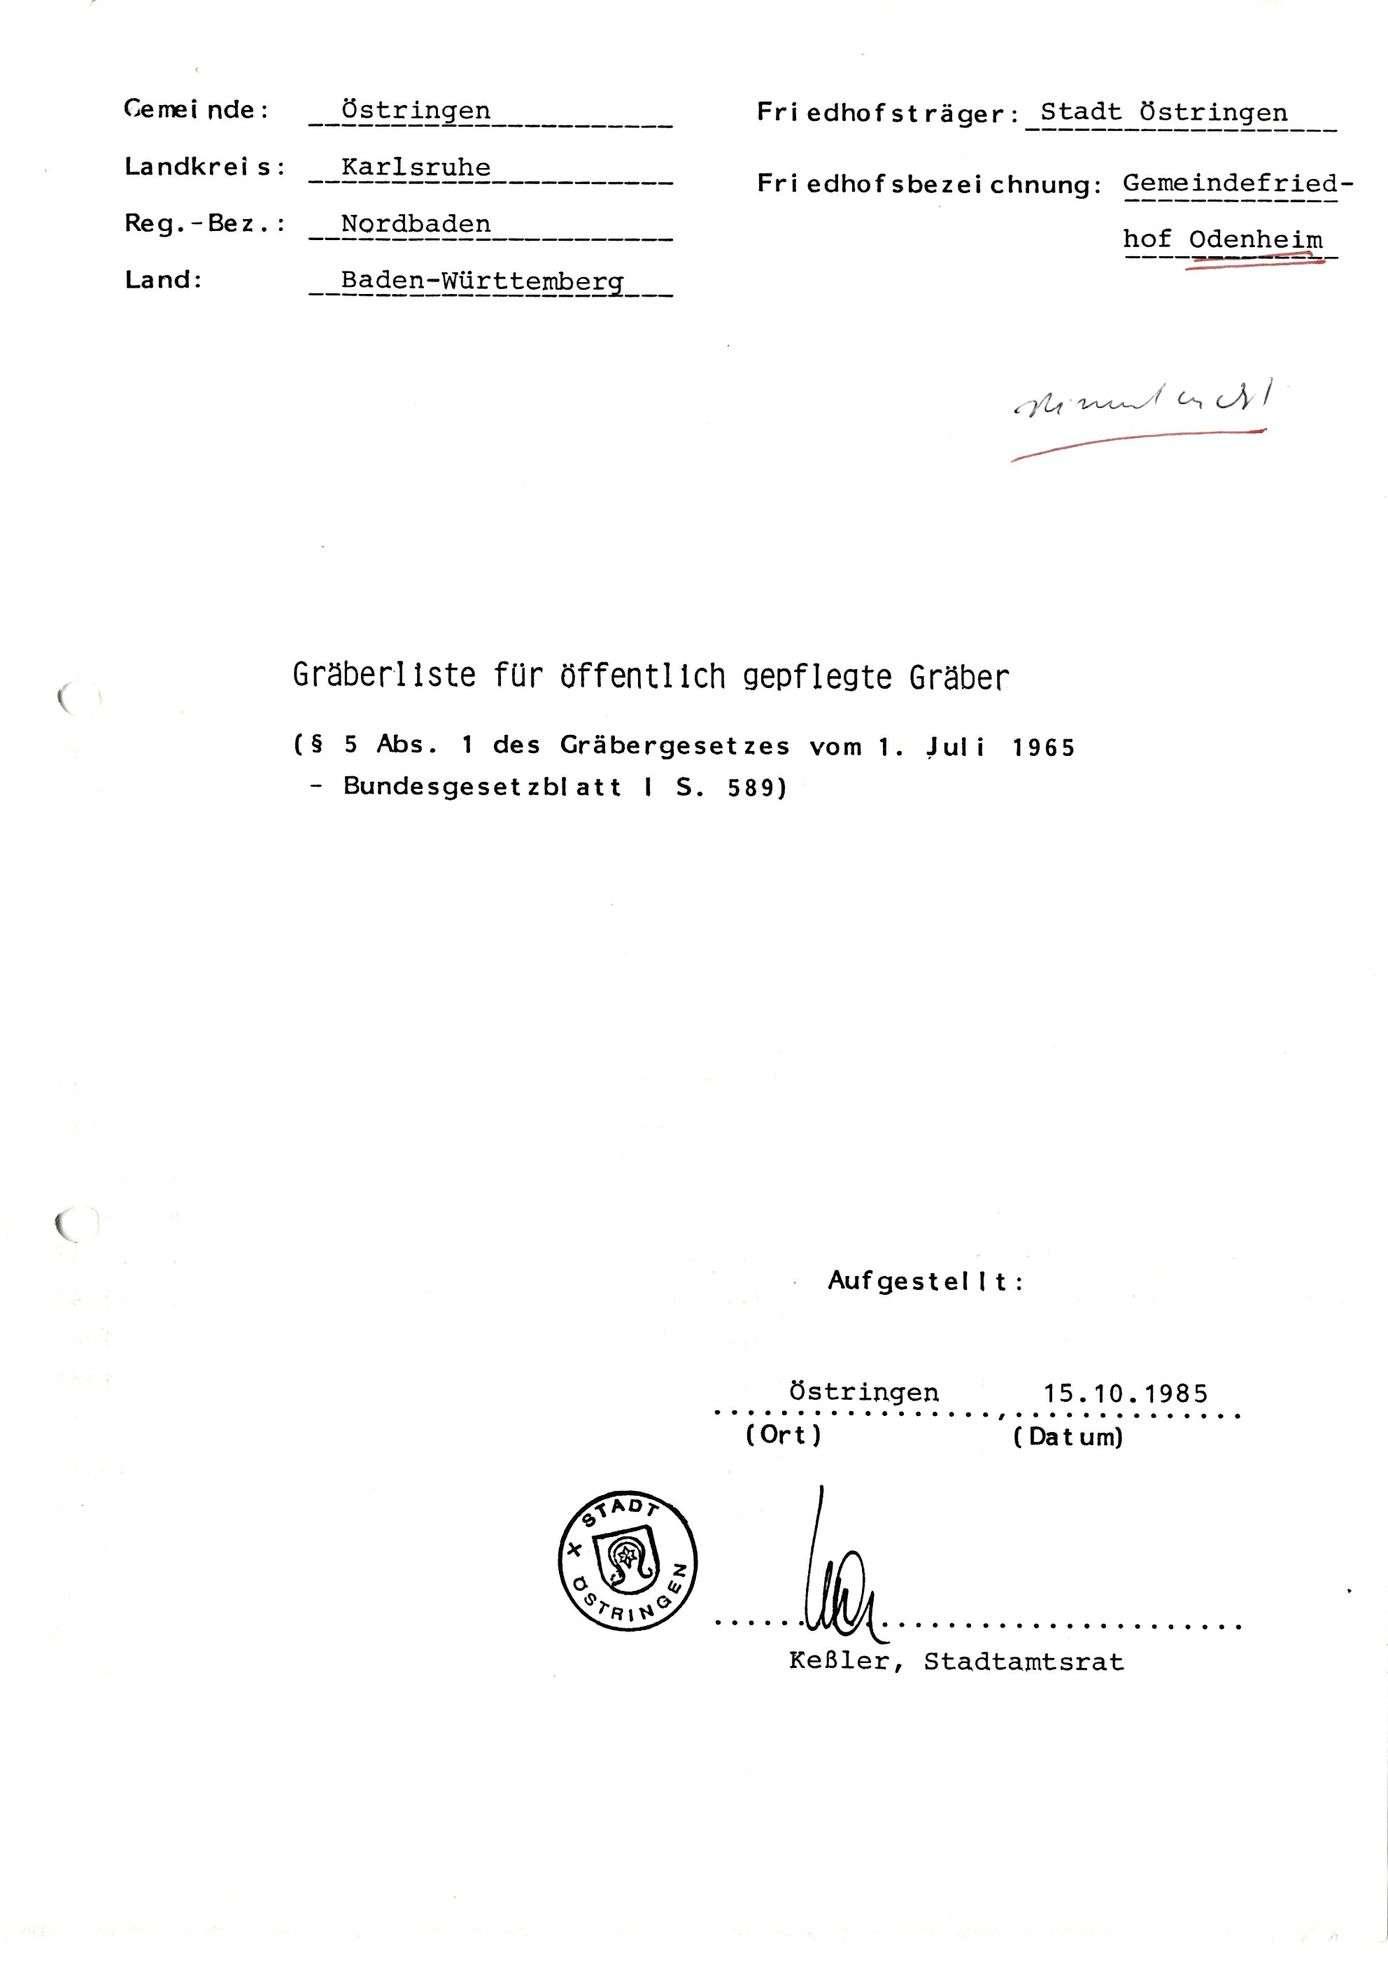 Odenheim, Bild 1